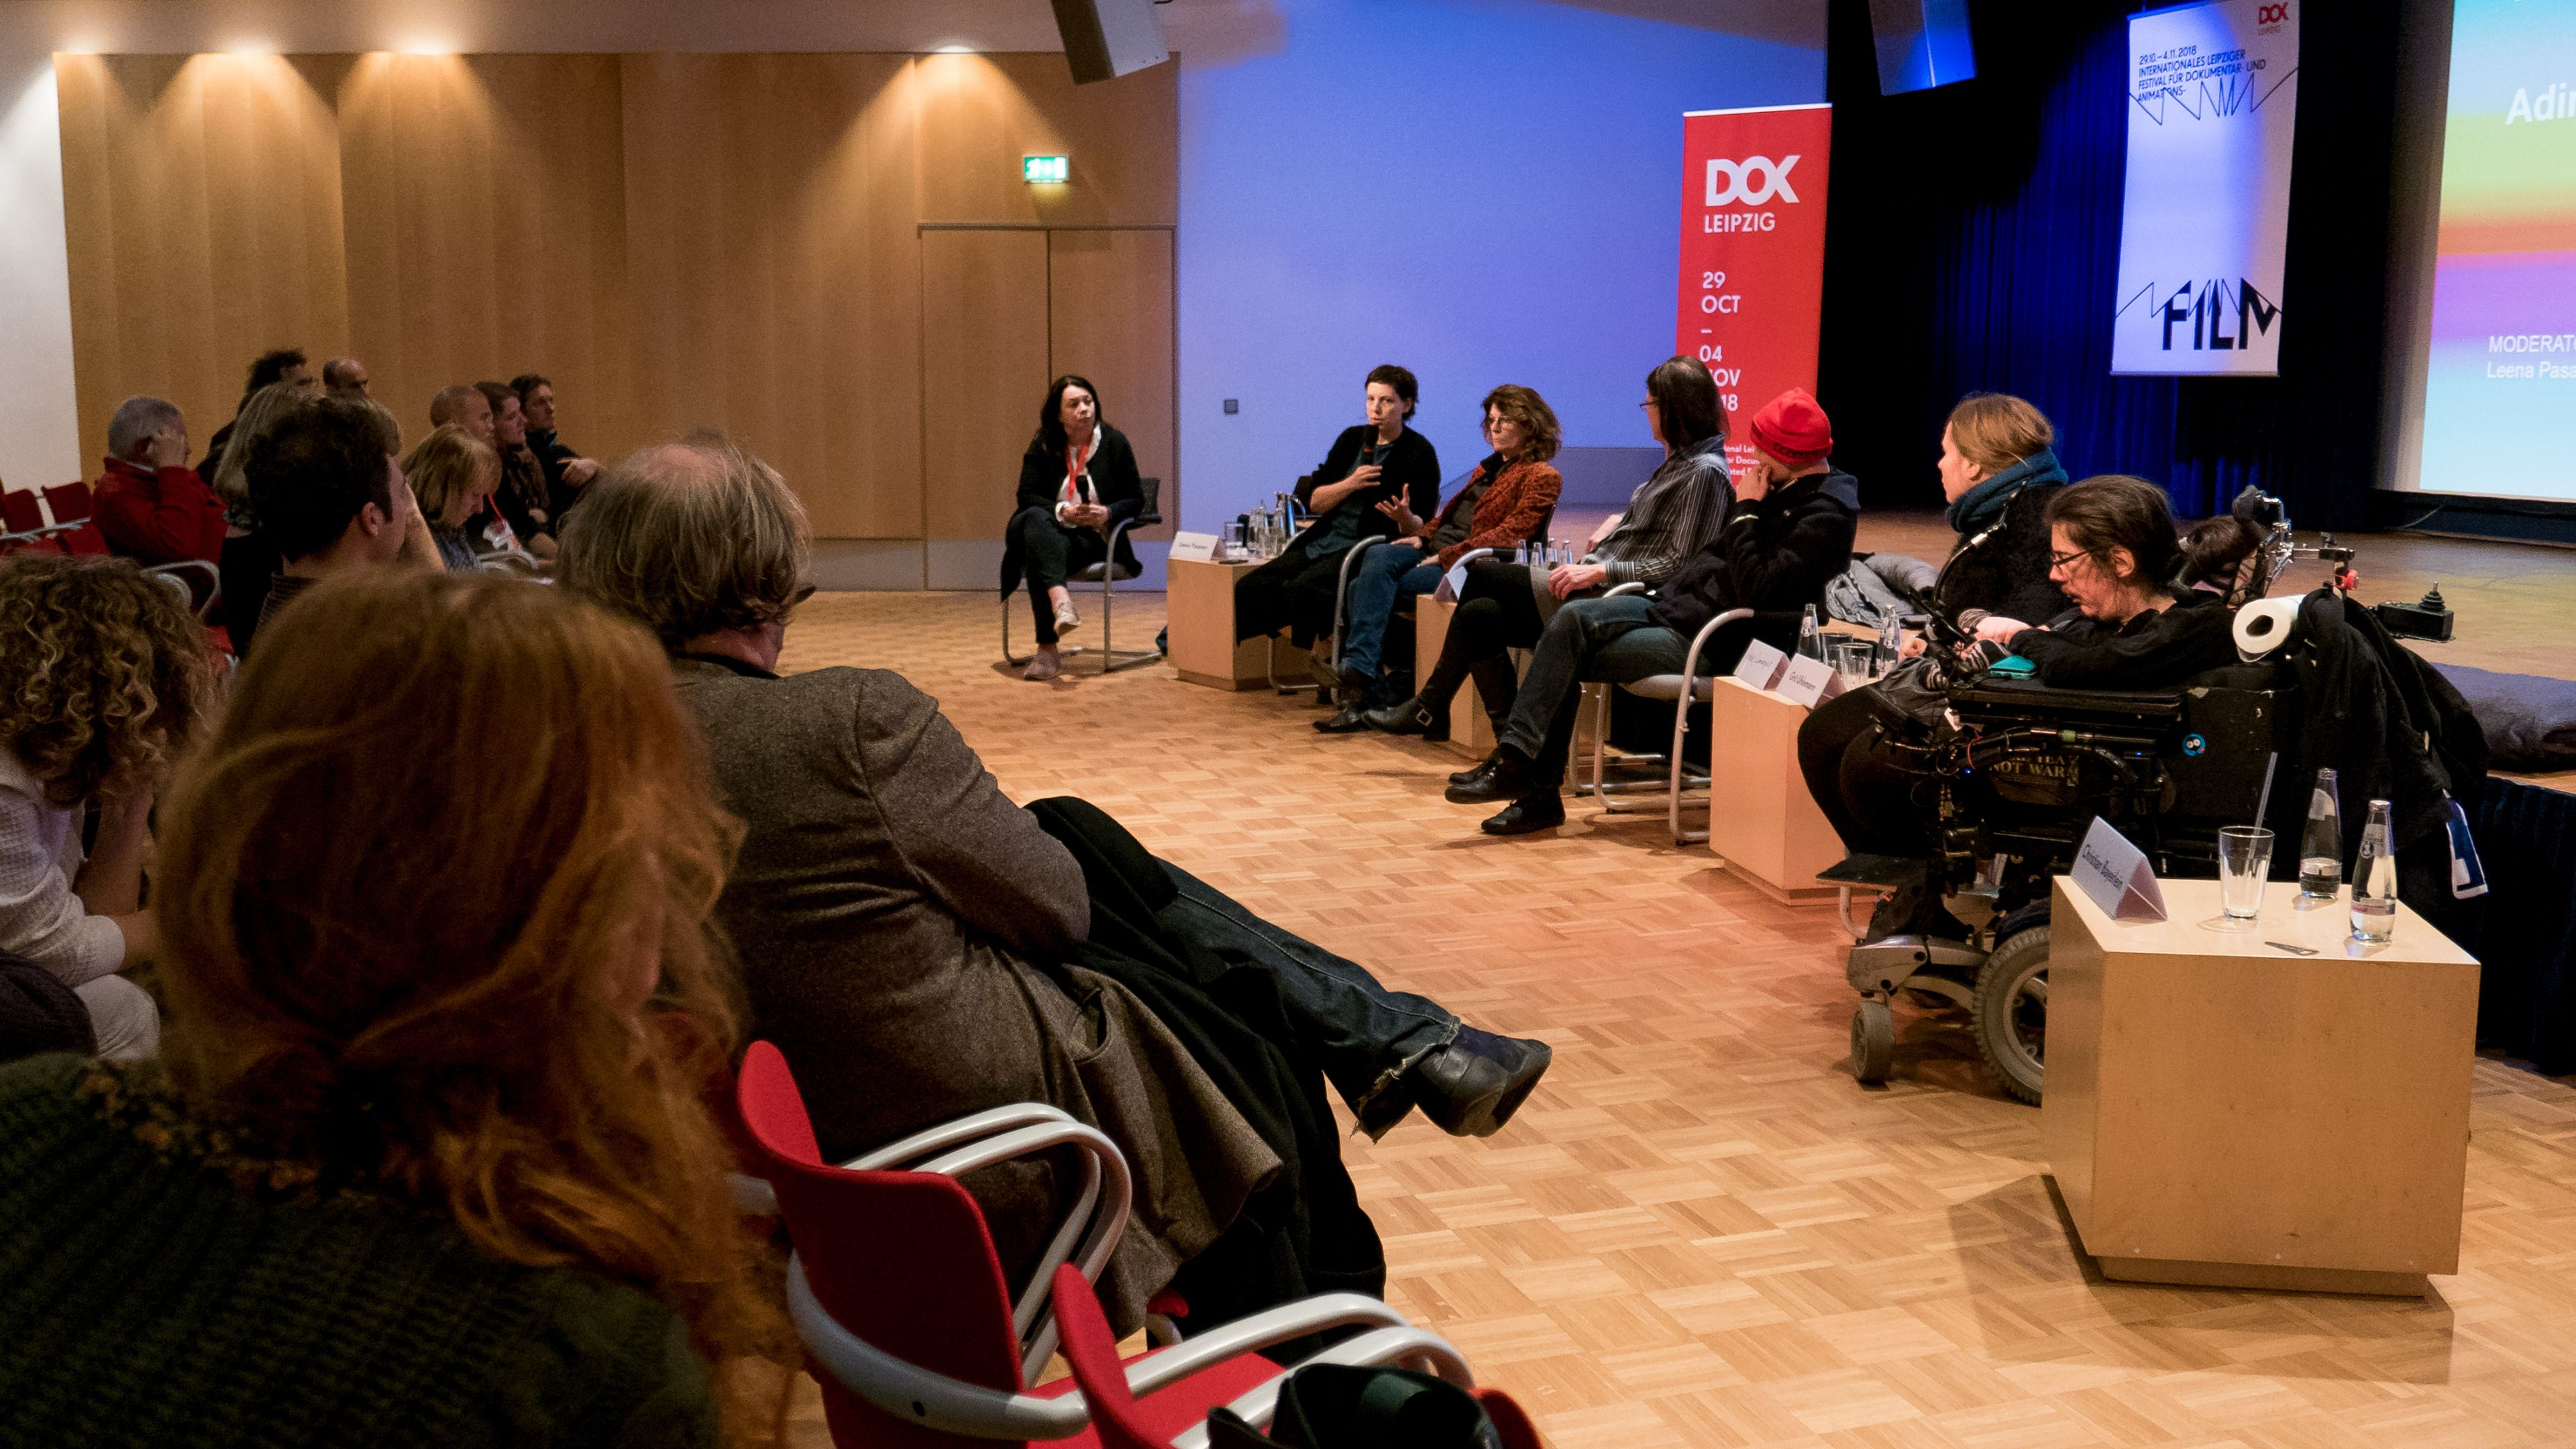 Film Talk mit Adina Pintilie und ihren Protagonistinnen und Protagonisten, darunter ein Mann im Rollstuhl.